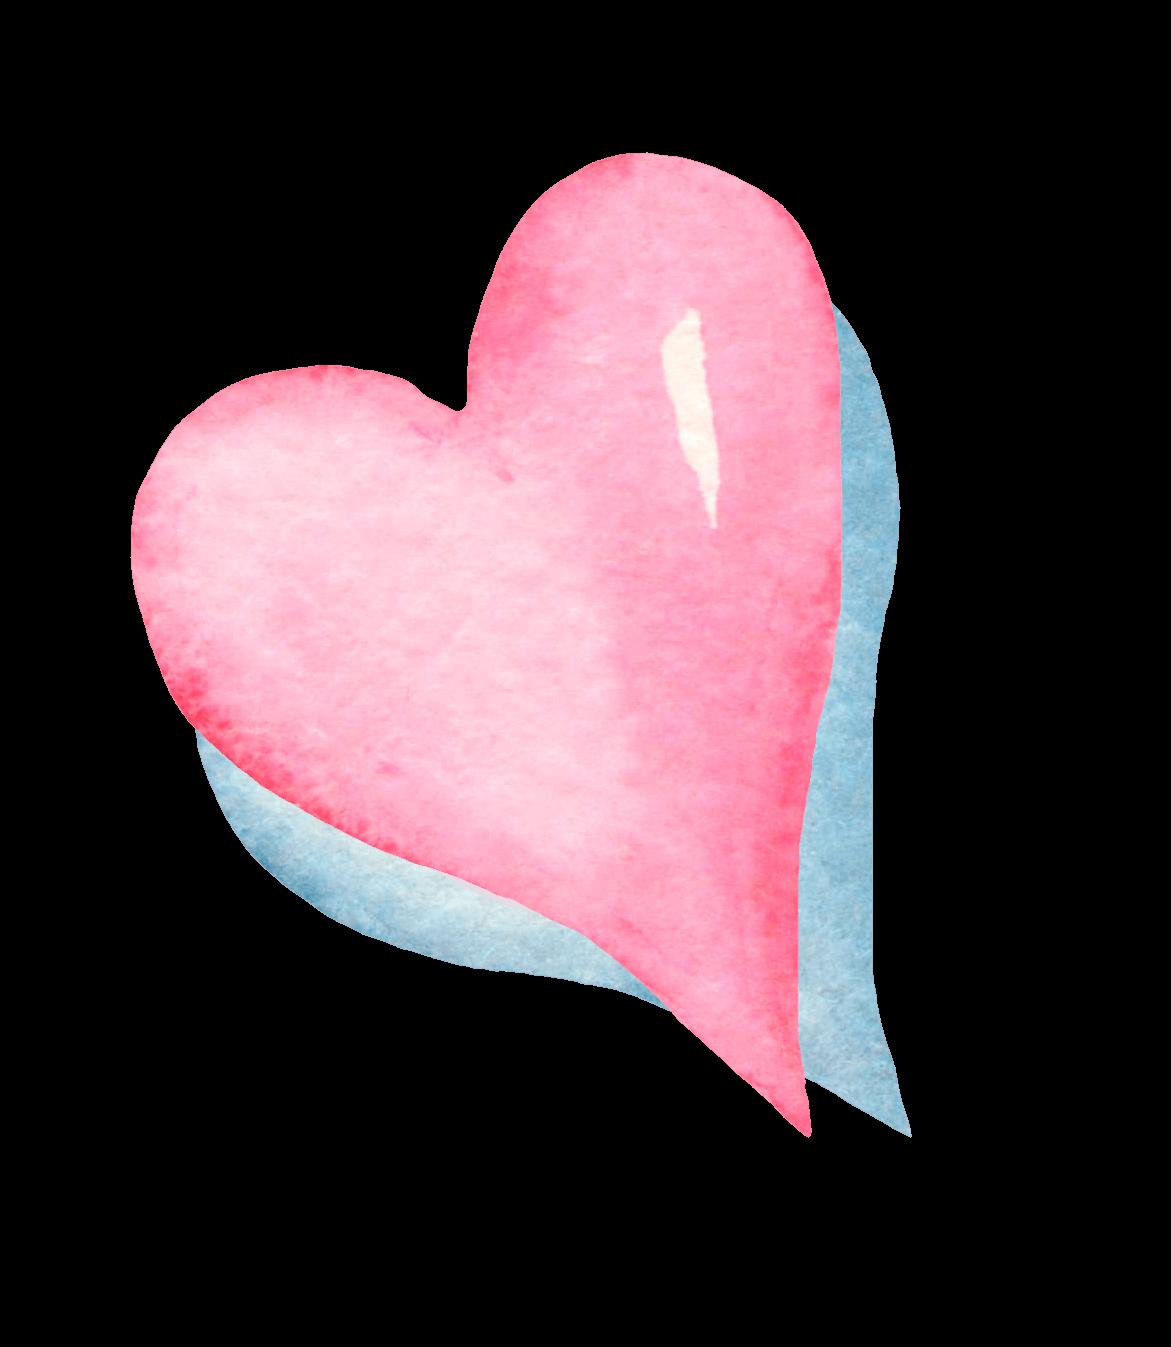 heart4 Kopie